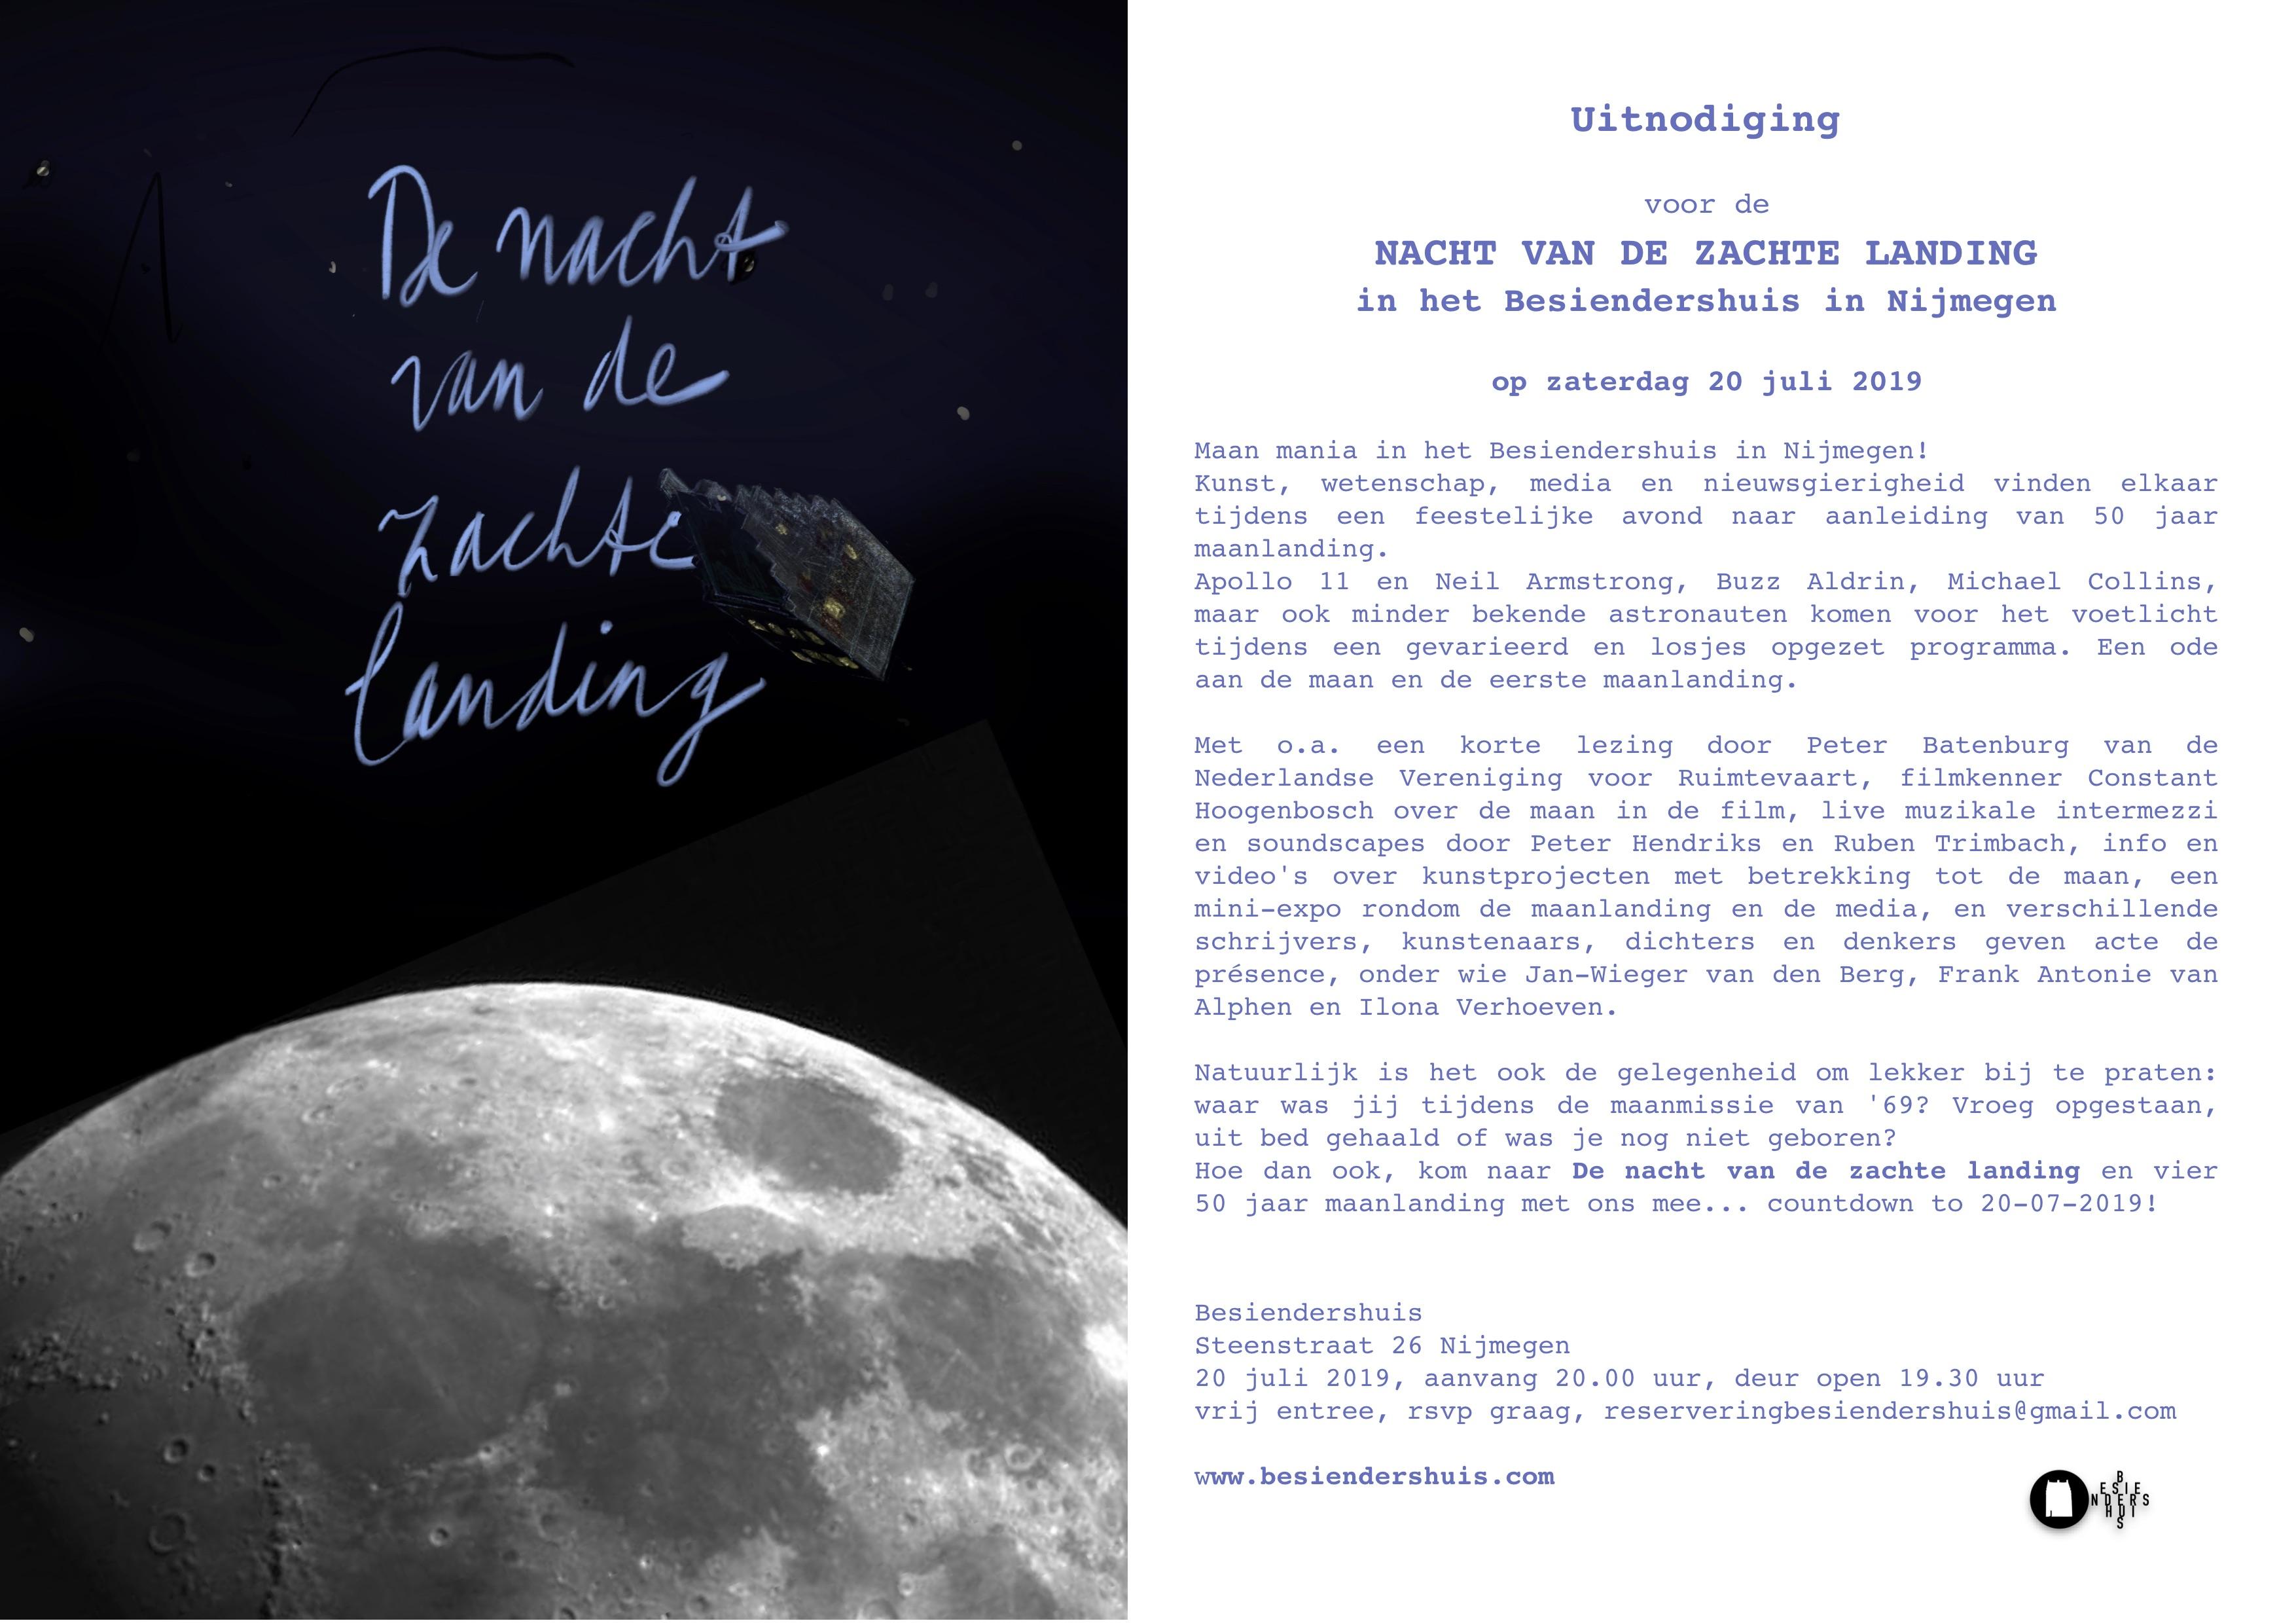 uitnodiging Nacht van de zachte landing Besiendershuis